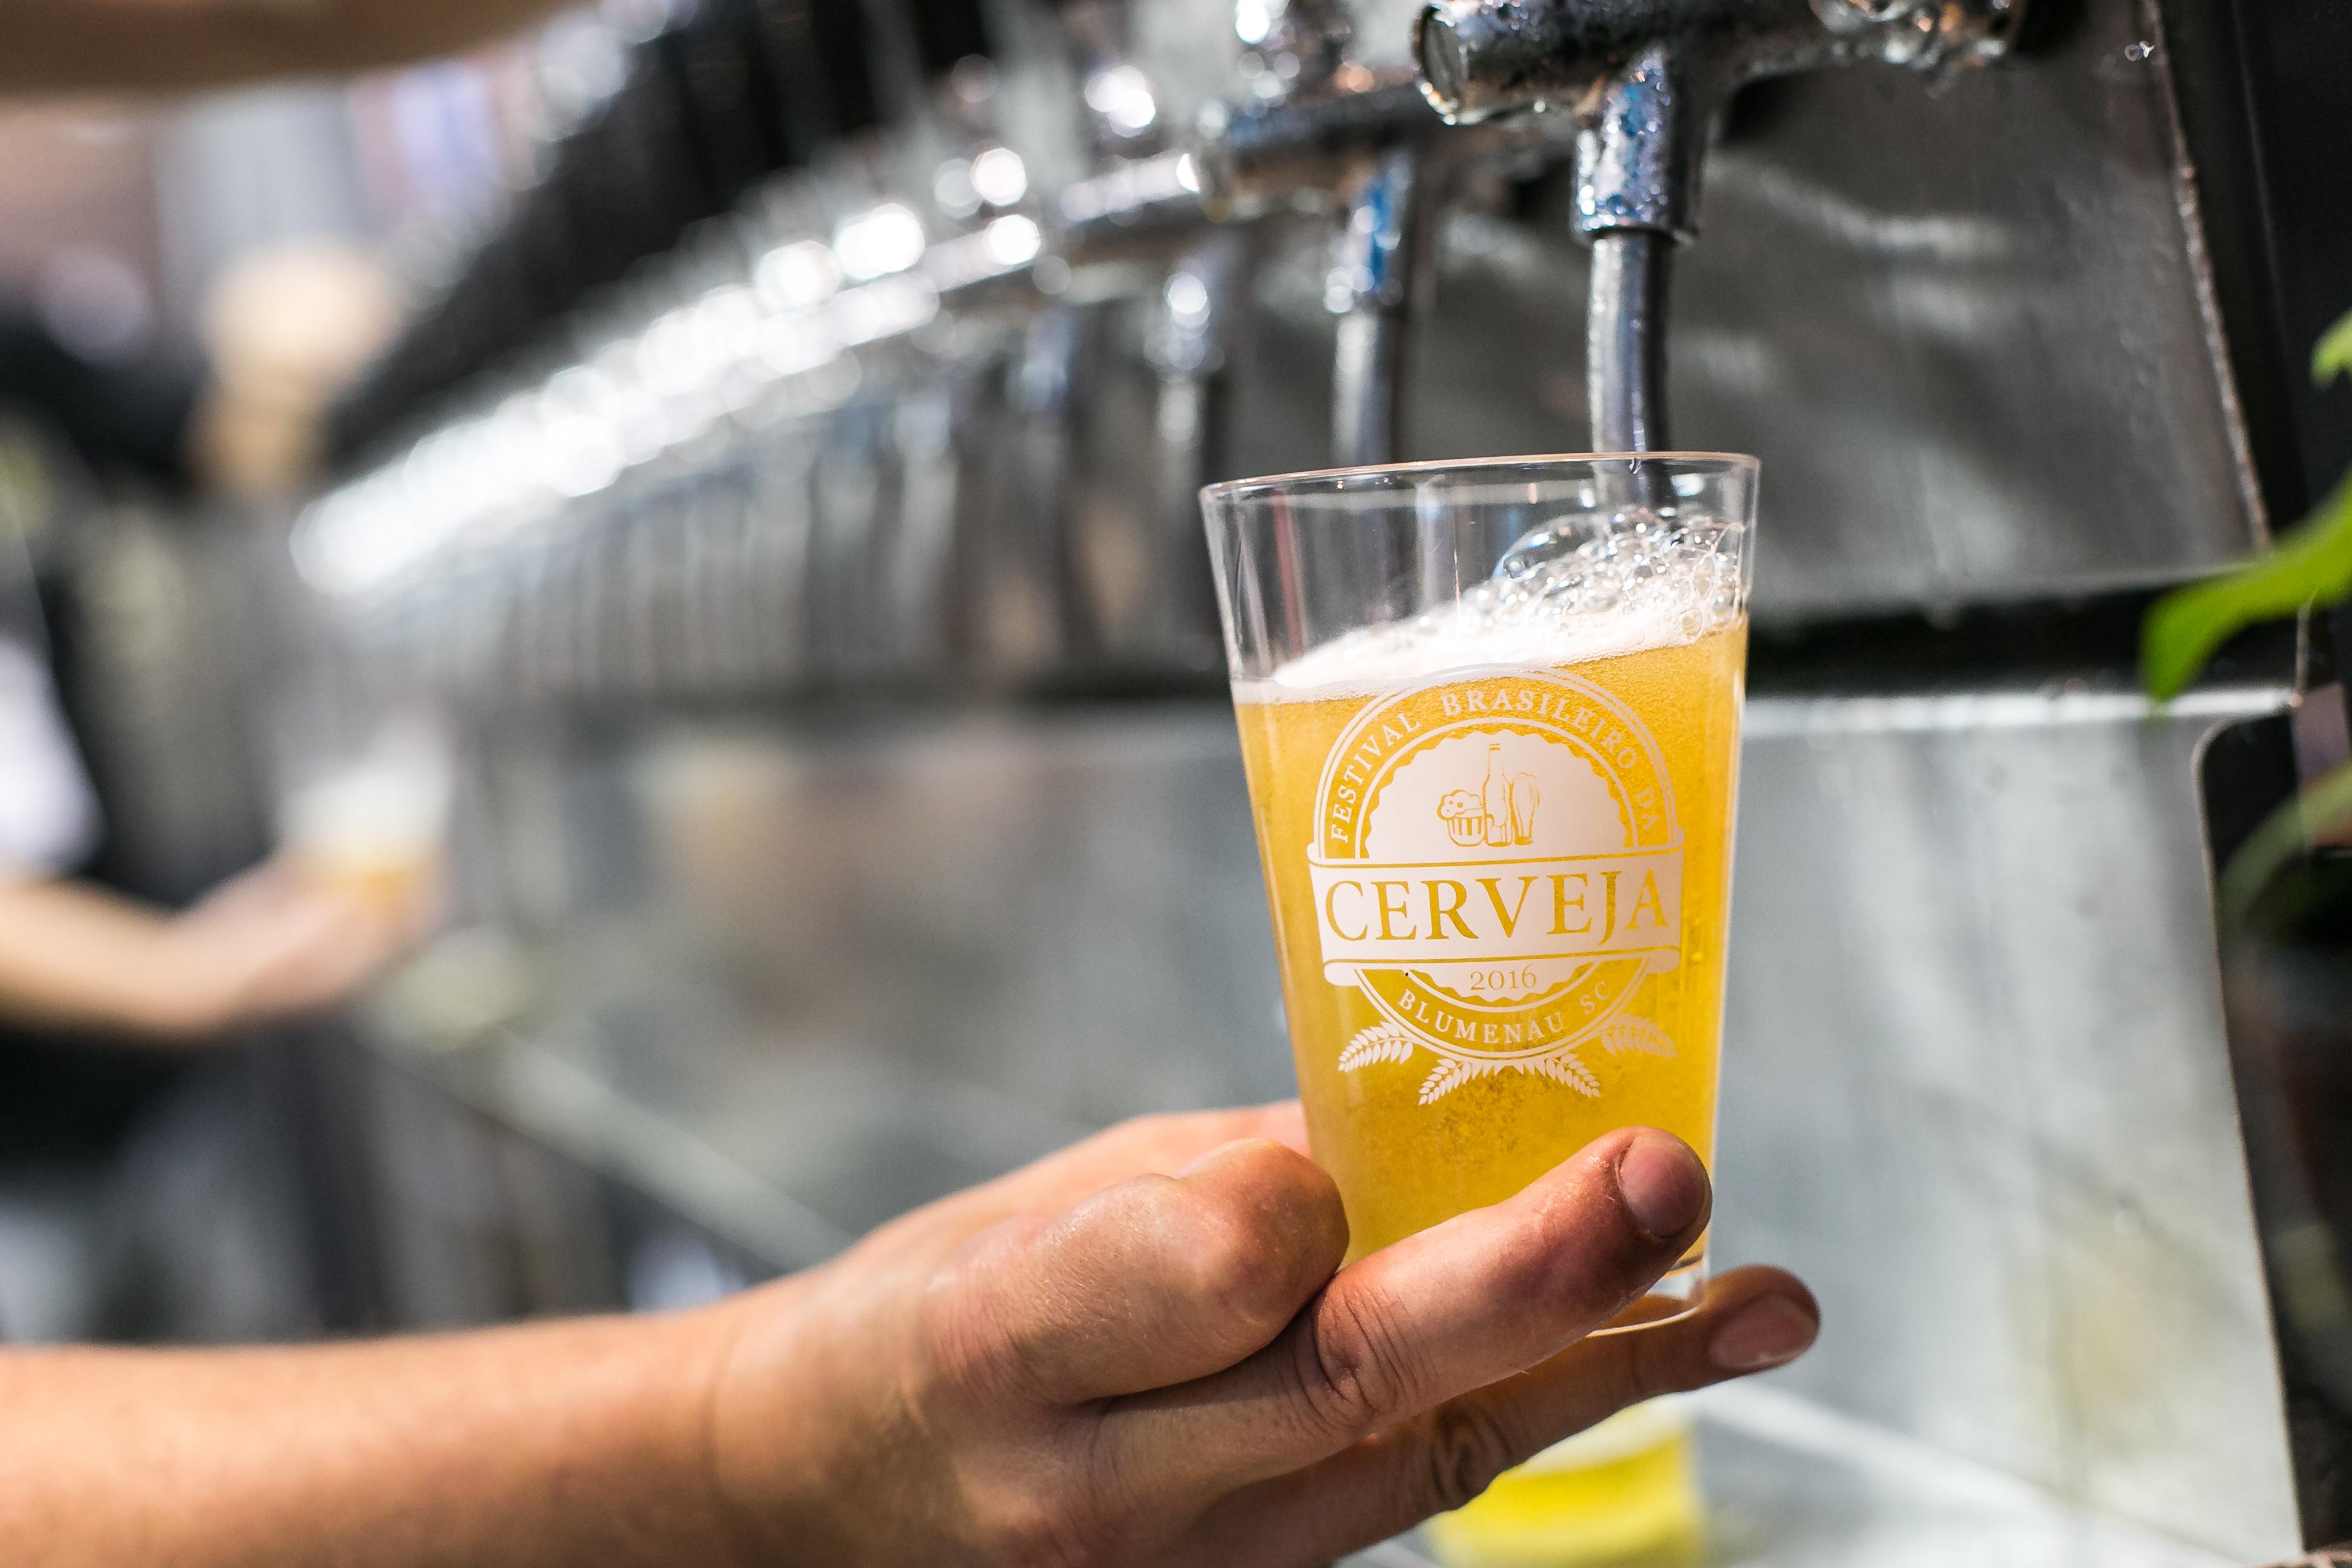 Estilo de cerveja catarinense será tema de painel no Festival Brasileiro da Cerveja